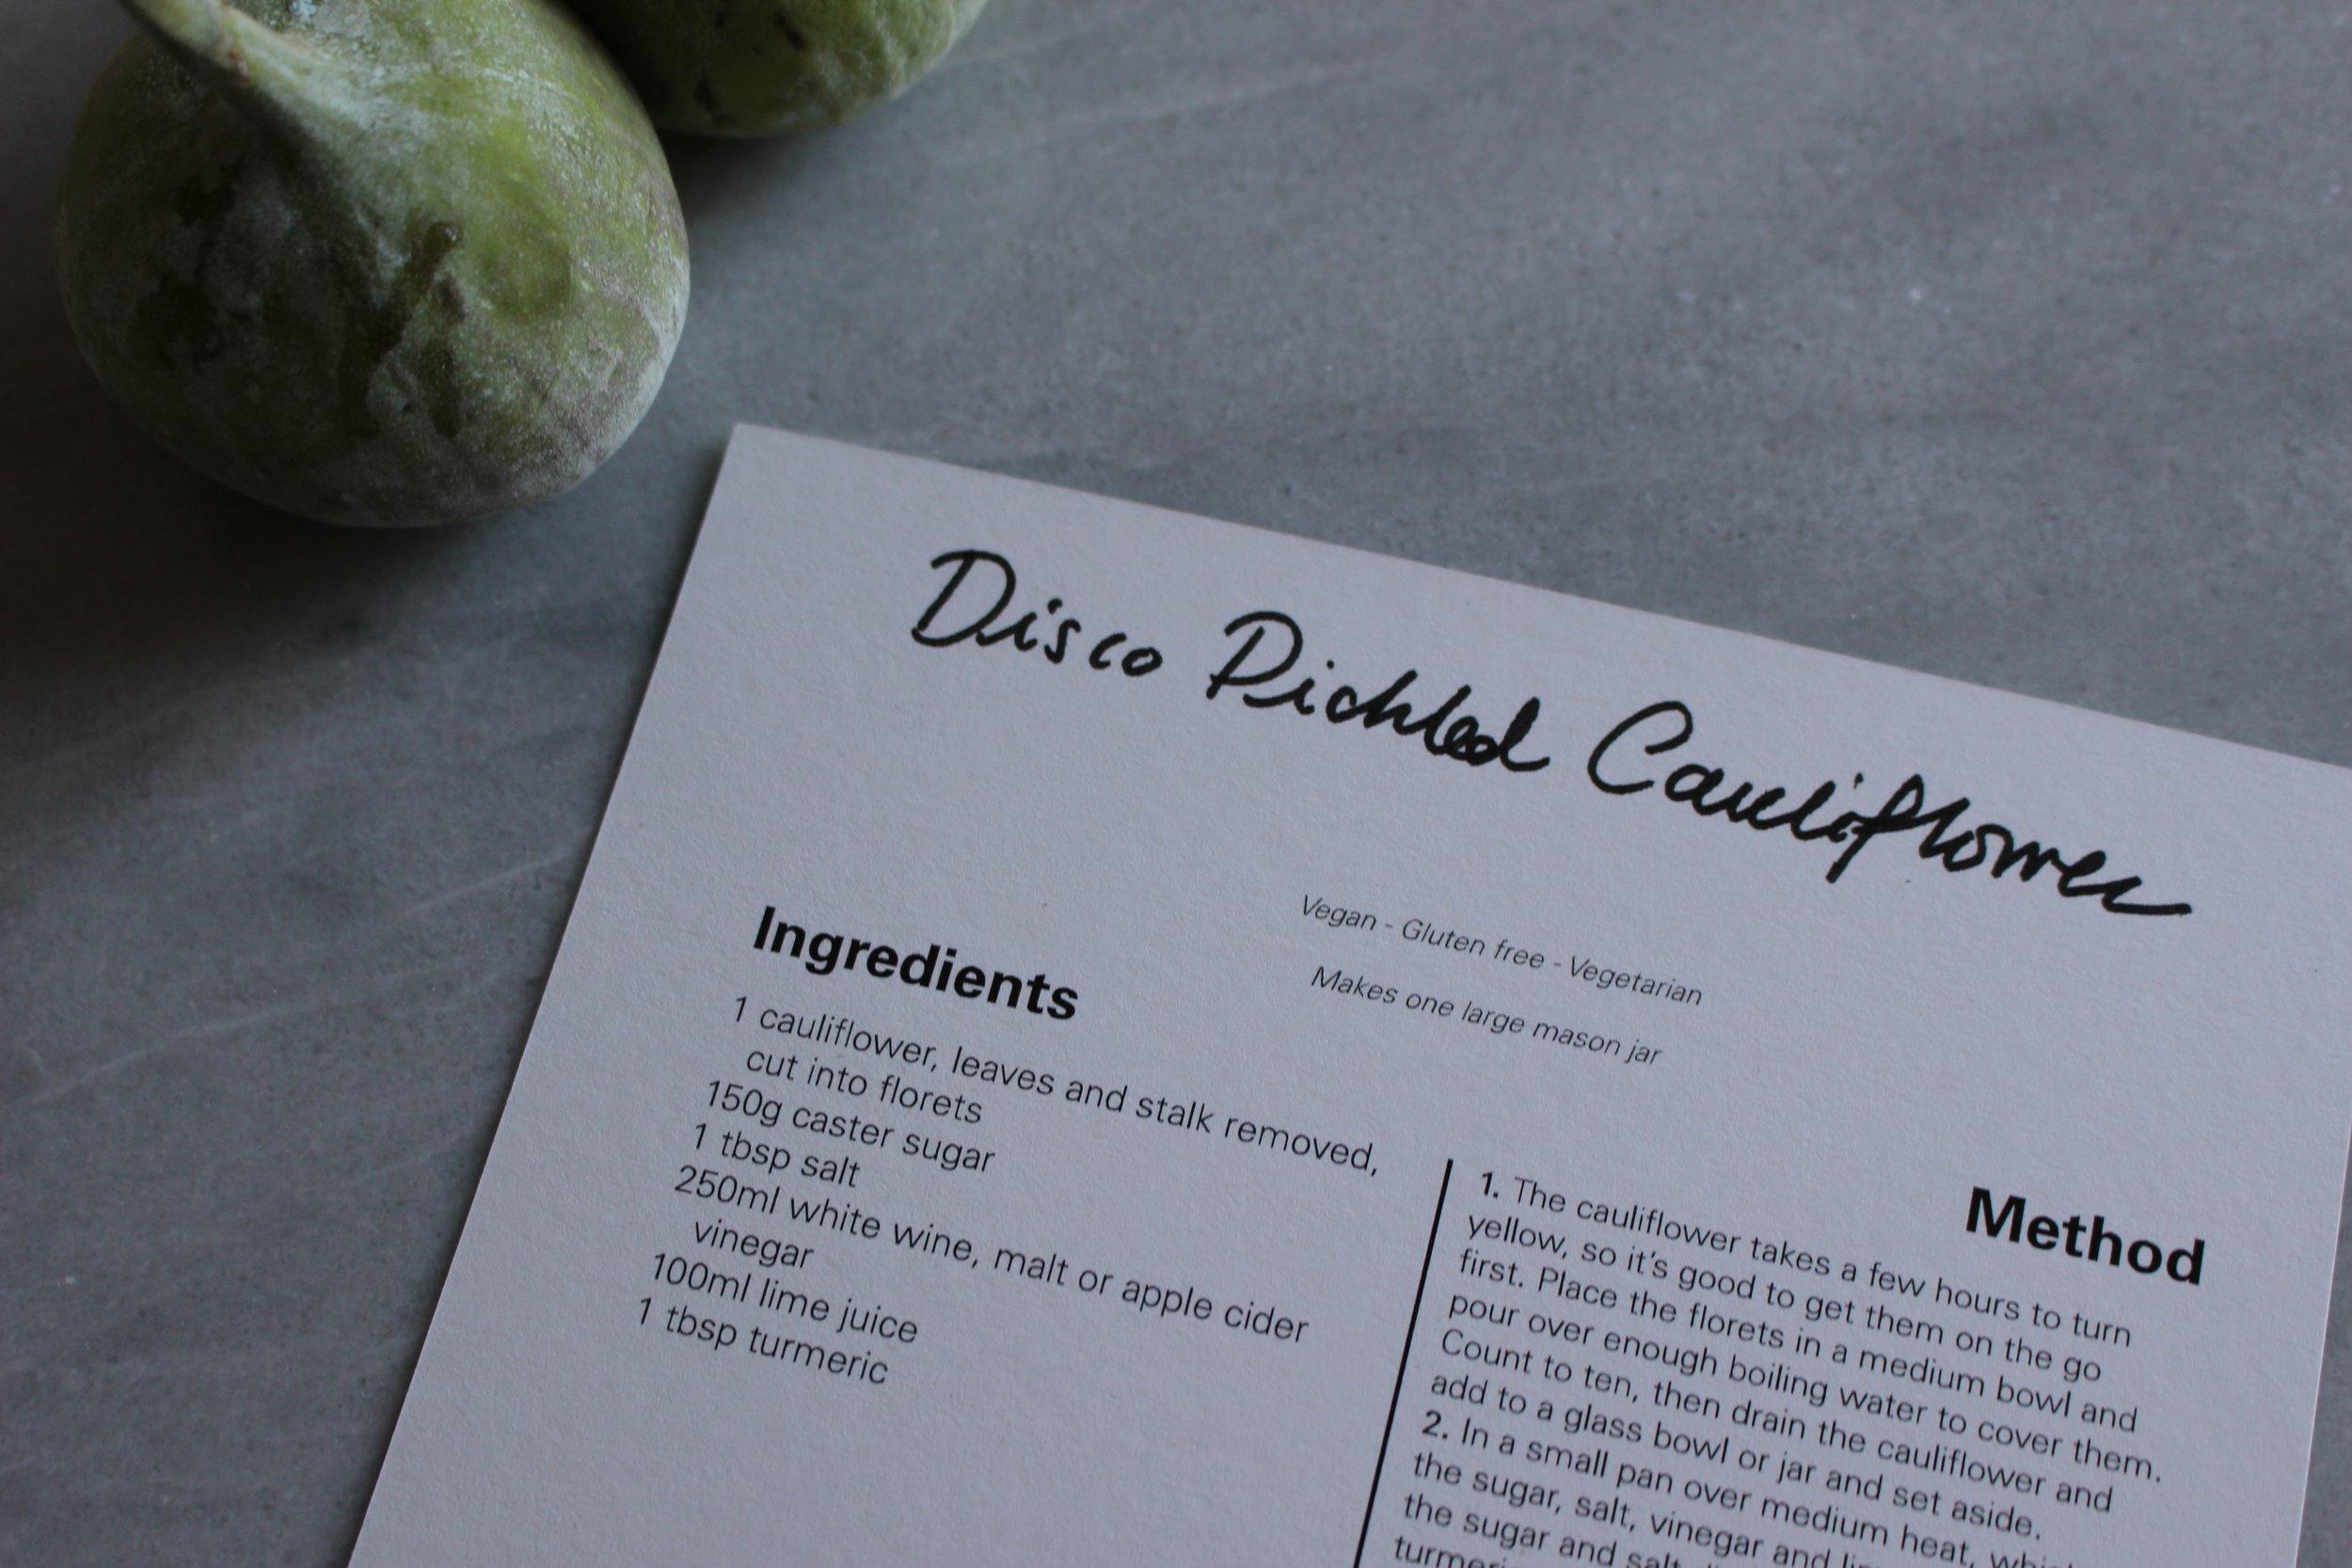 disco pickled cauliflower.jpg